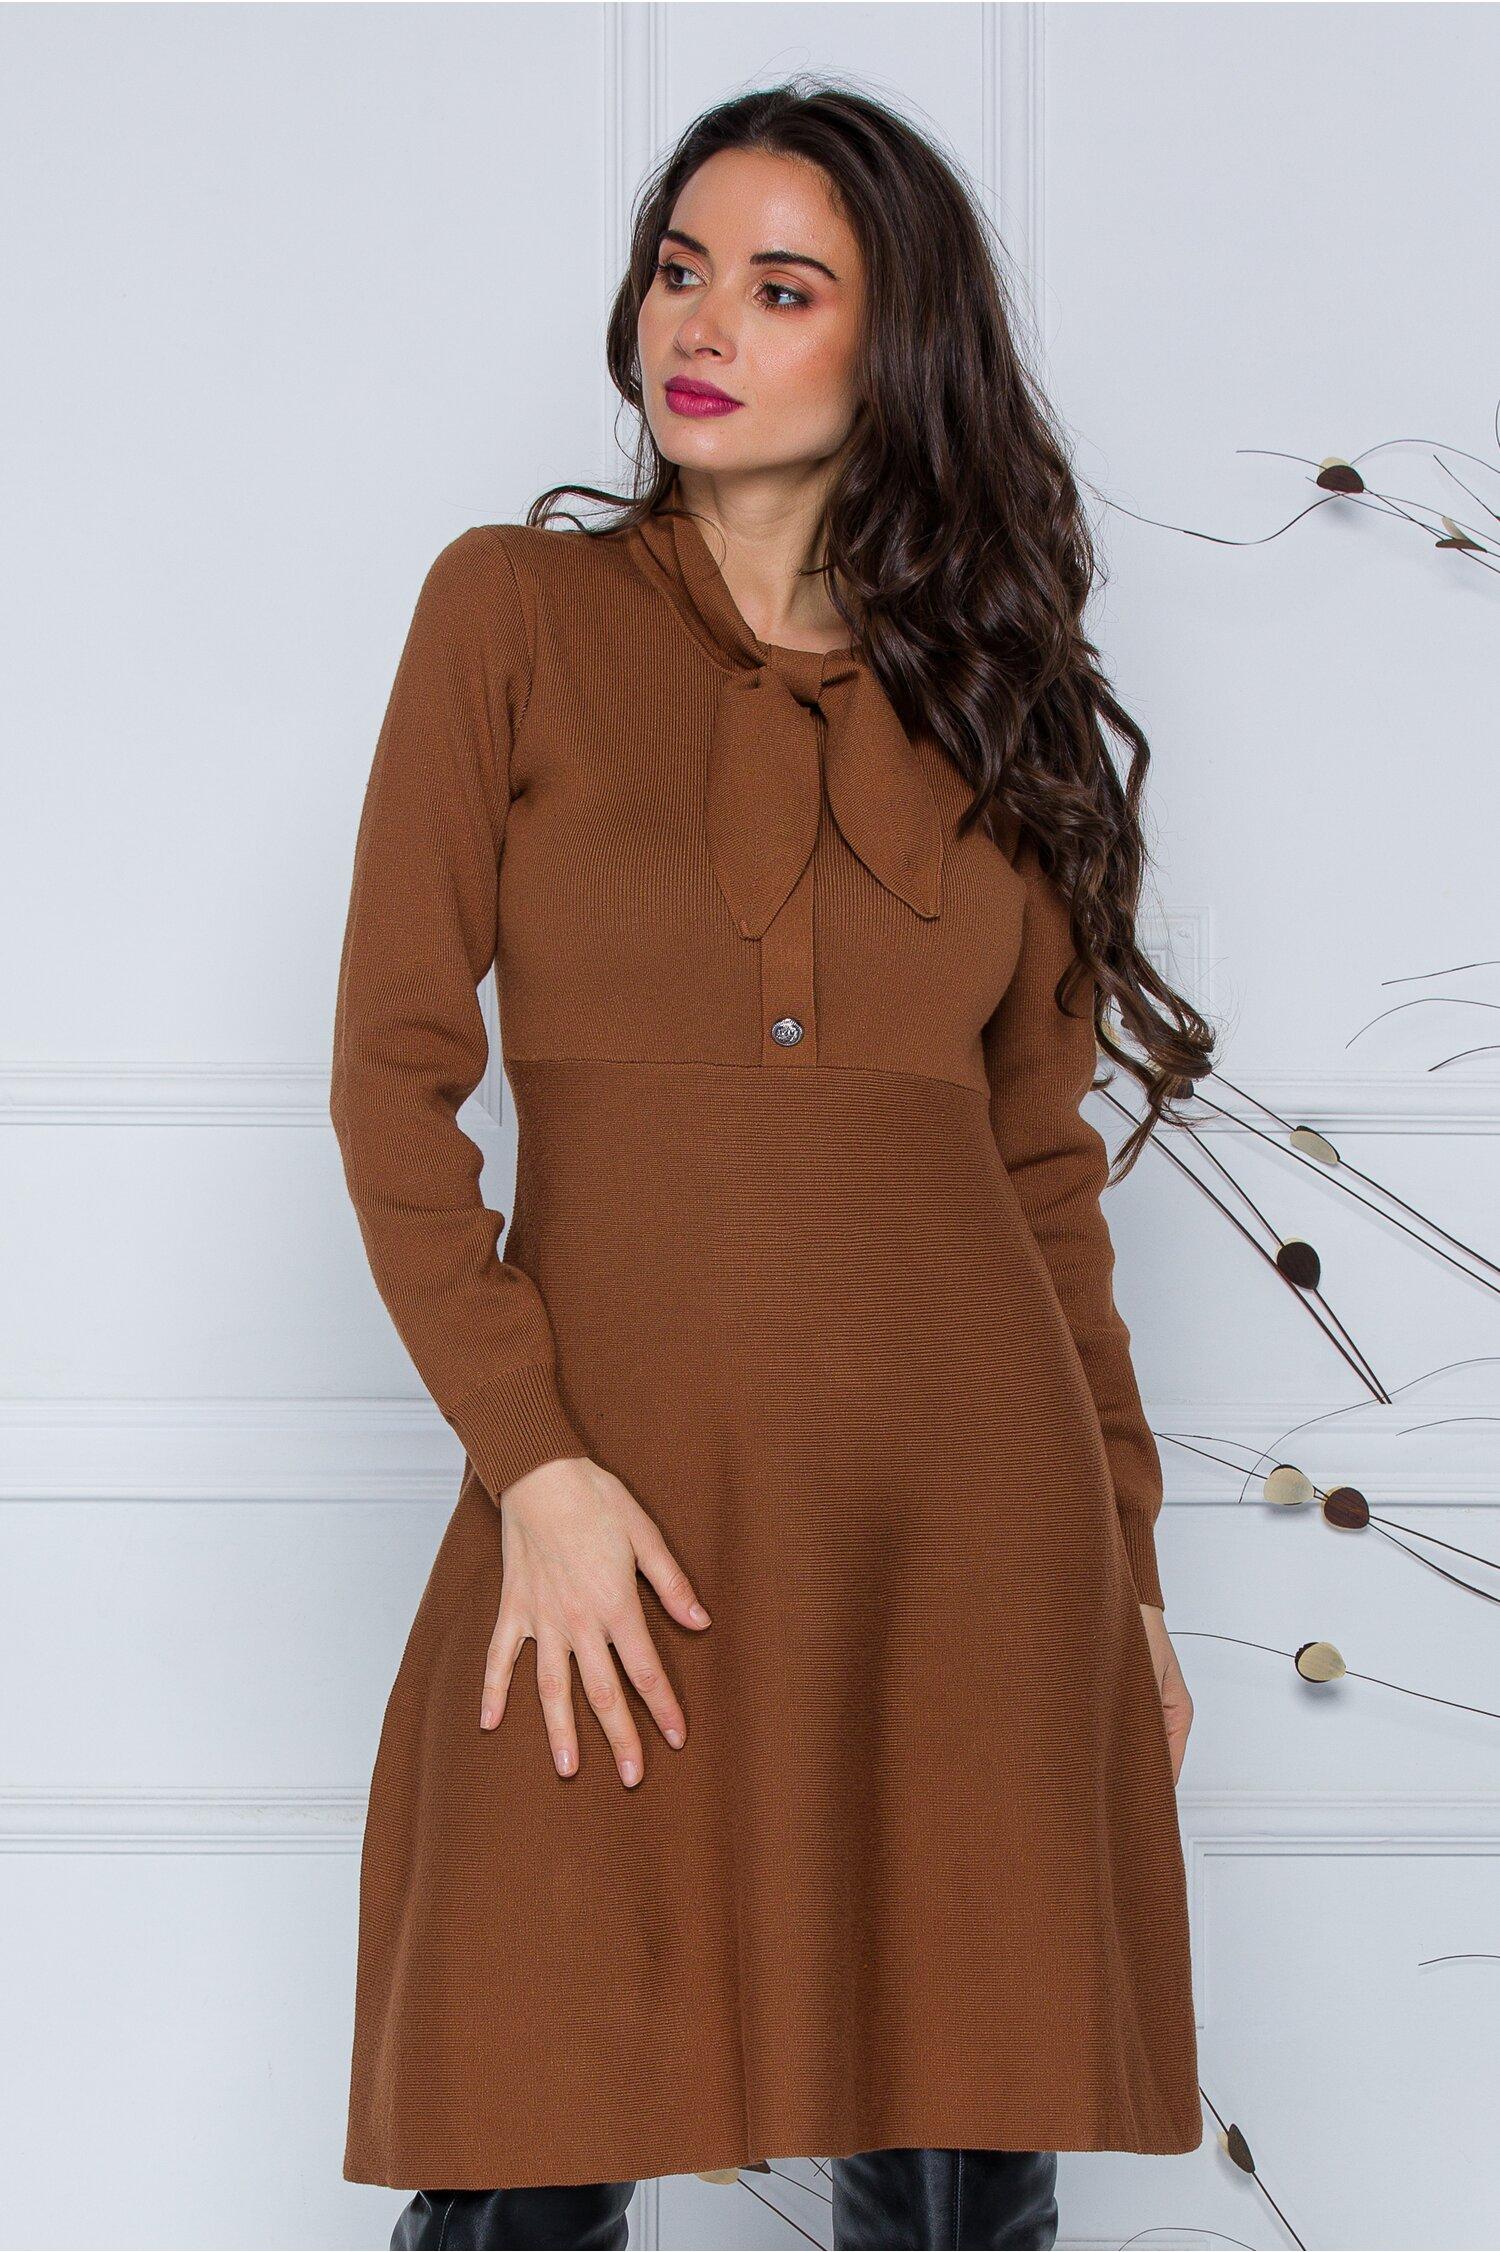 Rochie Mirabela maro din tricot cu funda la guler imagine